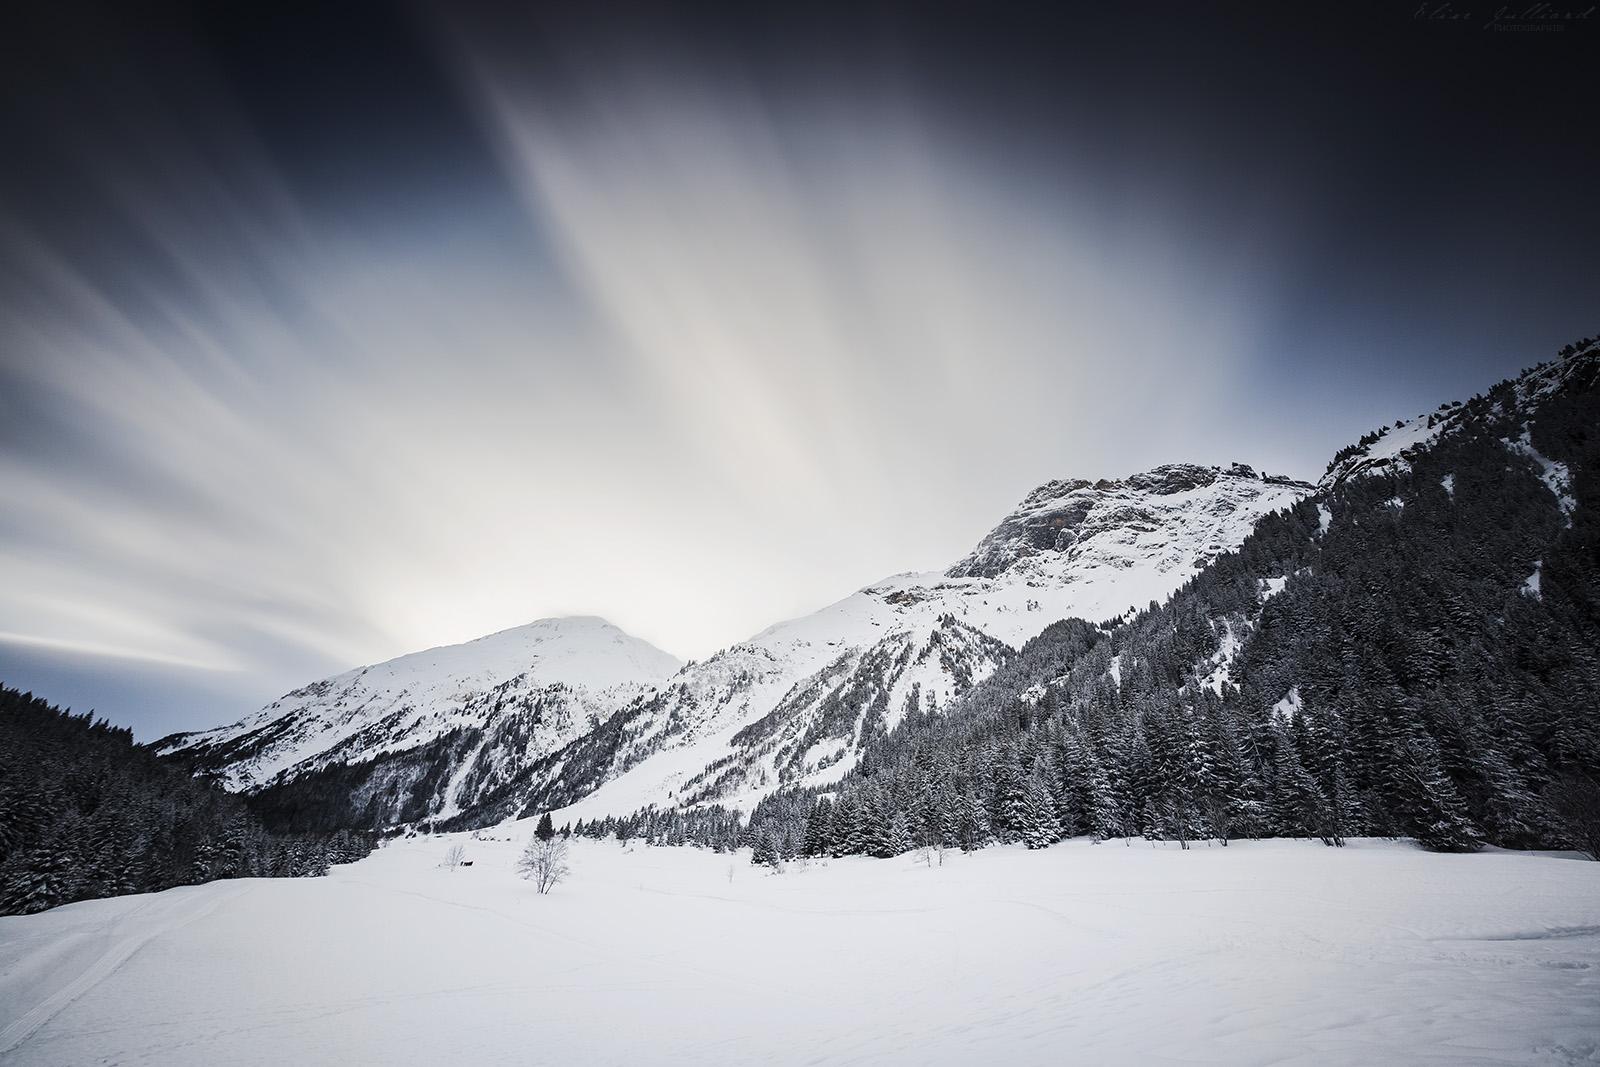 pralognan-la-vanoise-hiver-paysage-parc-national-de-la-vanoise-savoie-auvergne-rhone-alpes-tarentaise-petit-mont-blanc-ski-nordique-fond-elise-julliard-photographe-lyon